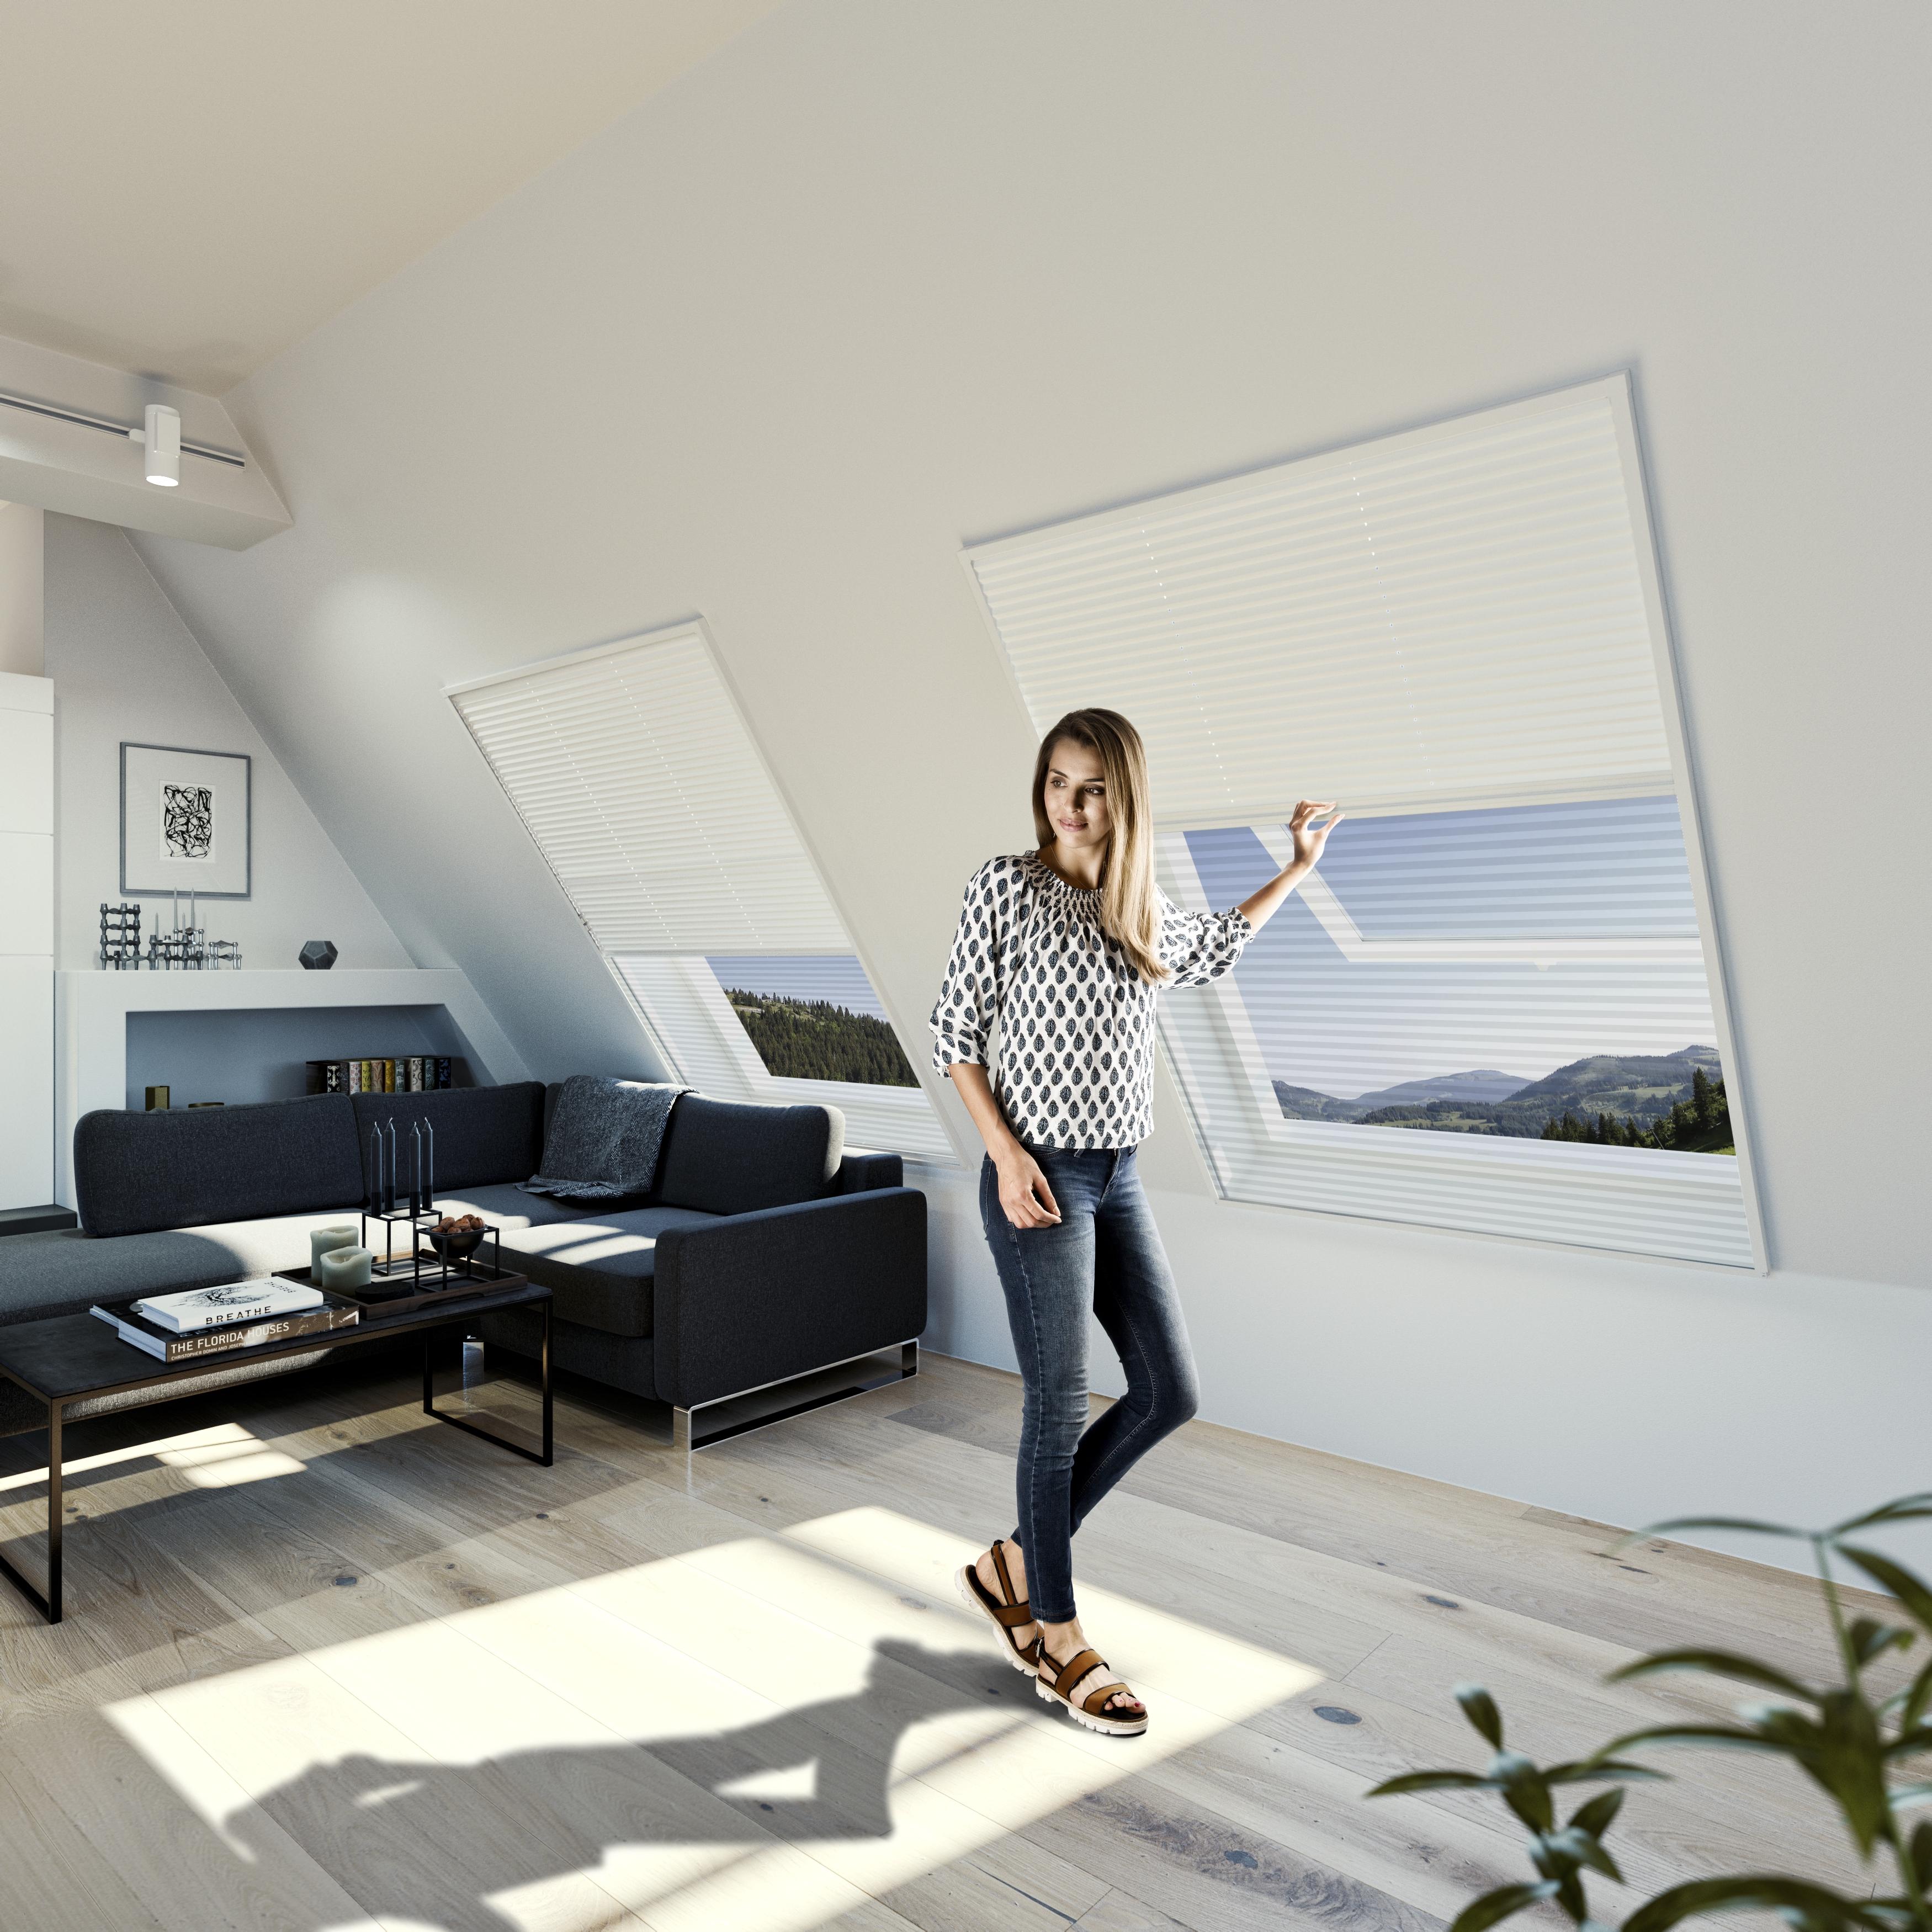 insektenschutz sonnenschutz plissee 2in1 teso insektenschutzsysteme. Black Bedroom Furniture Sets. Home Design Ideas